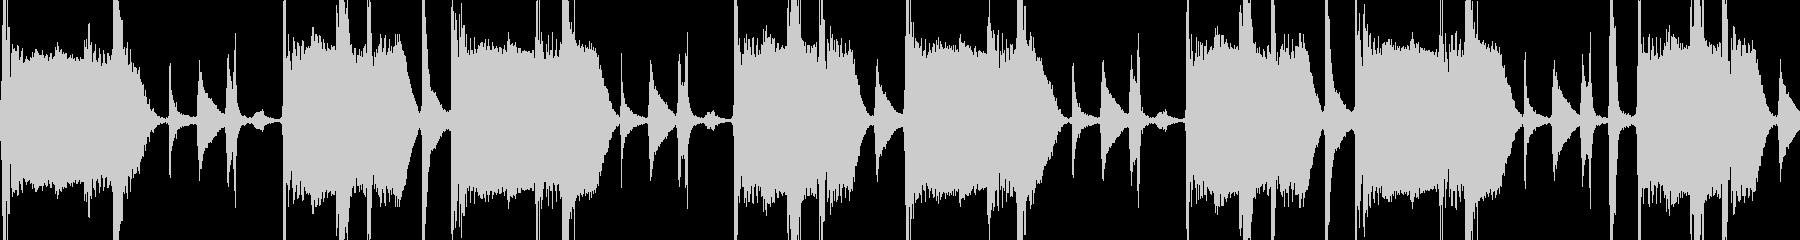 サンバ楽器のブレイクビーツLoop素材の未再生の波形